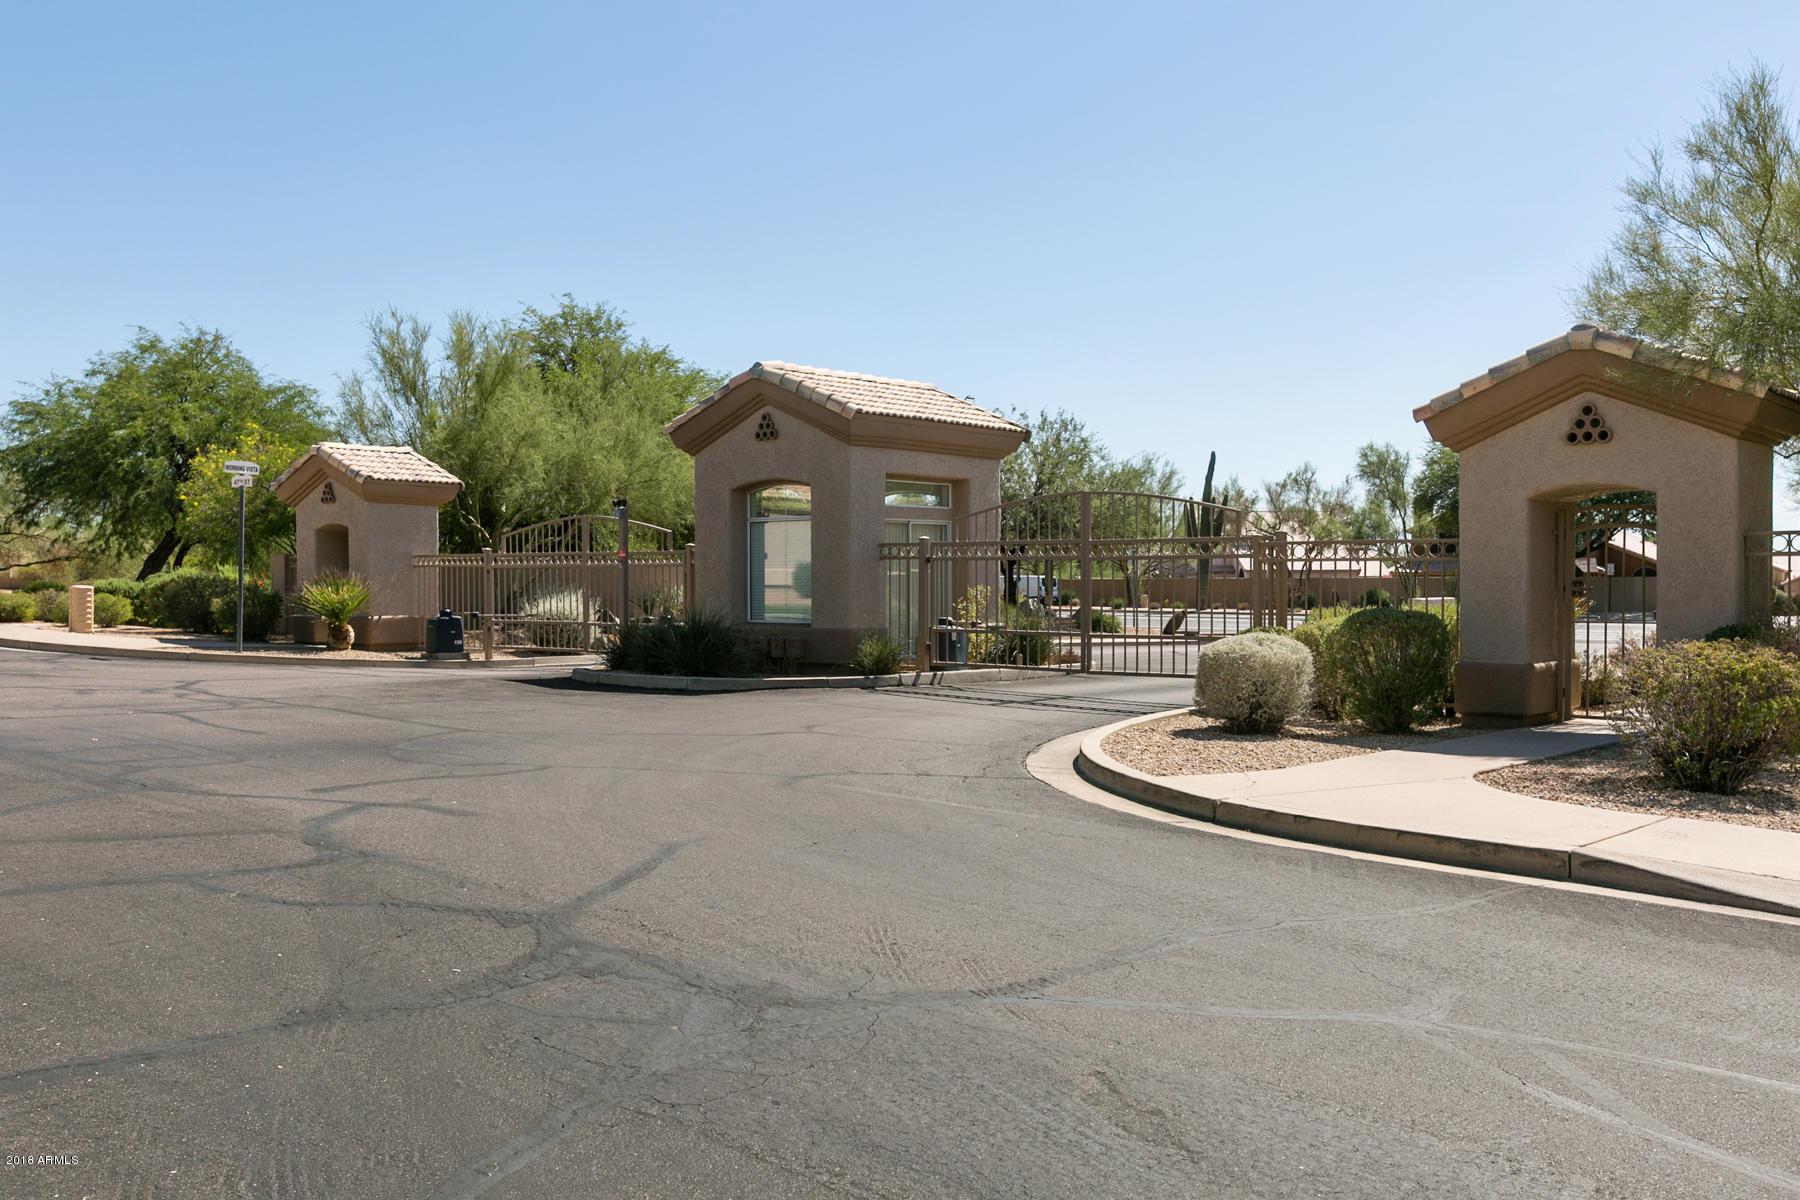 MLS 5823944 4717 E CASEY Lane, Cave Creek, AZ 85331 Cave Creek AZ Condo or Townhome